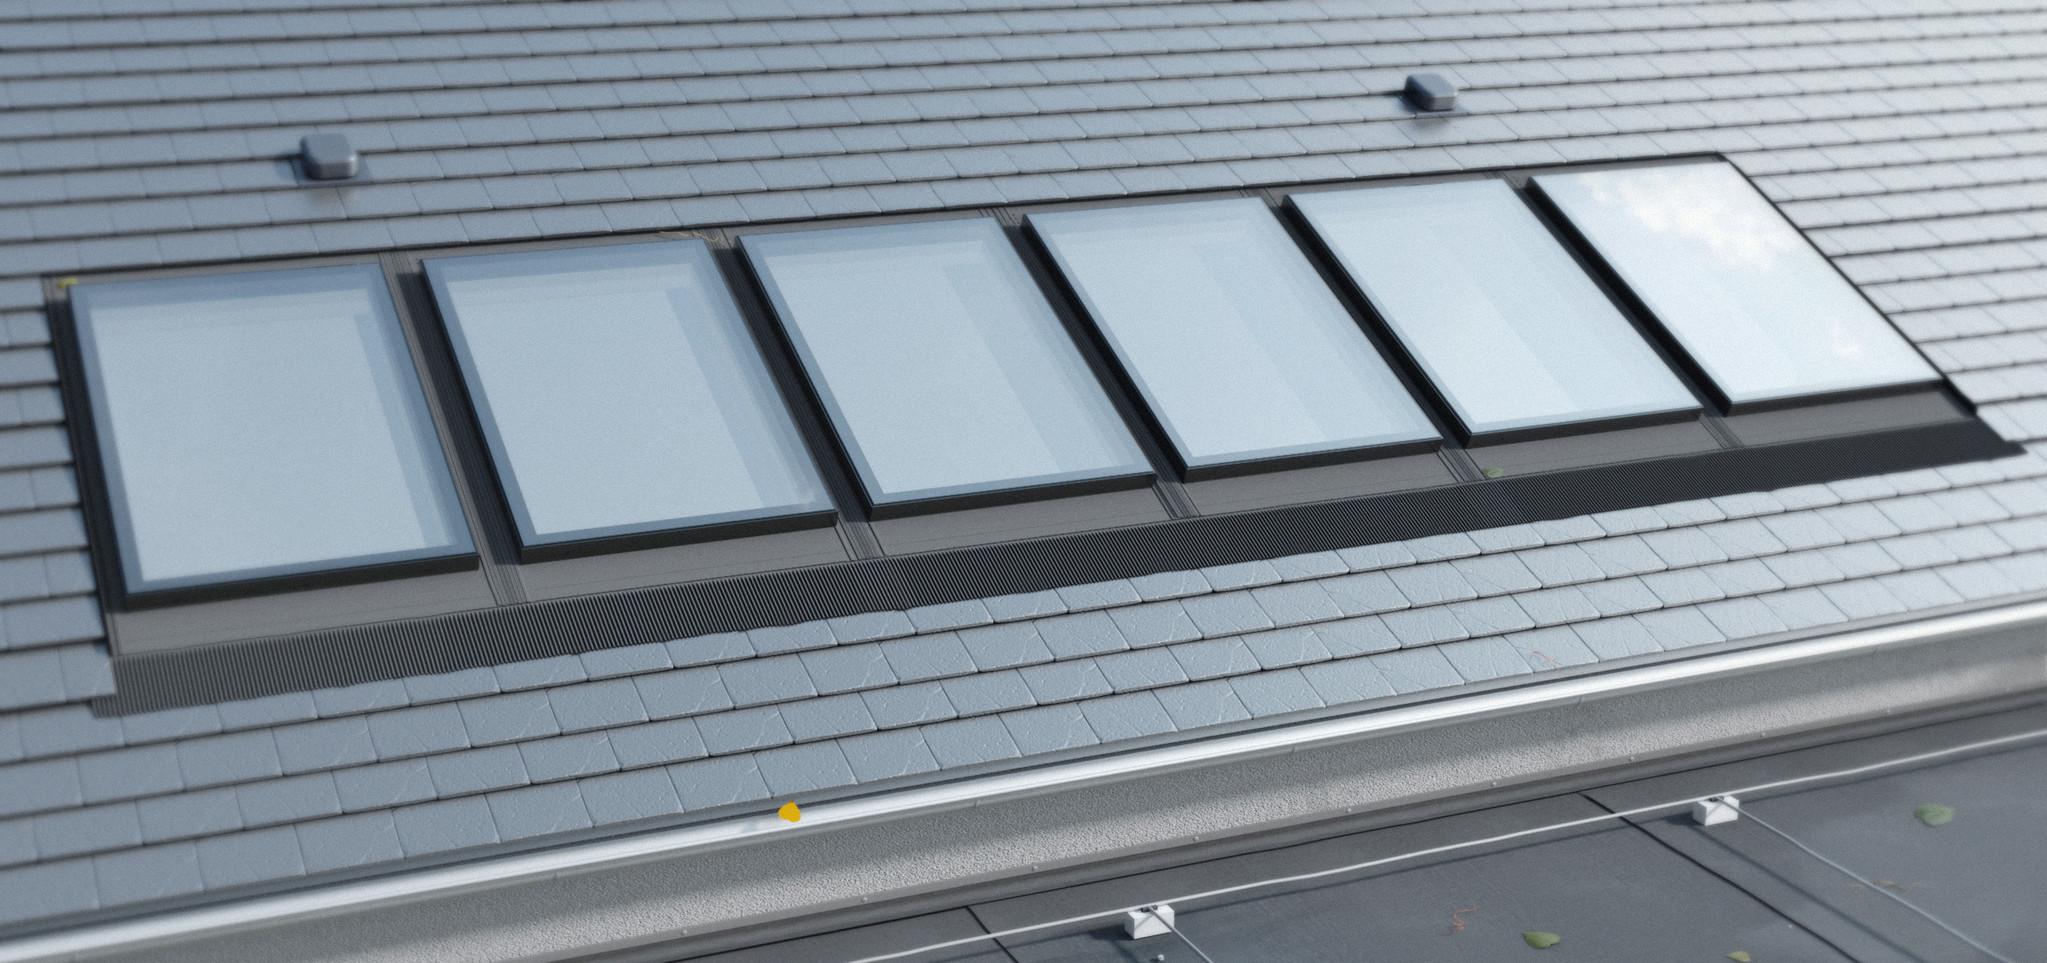 Intura IGX F1 lichtstraat hellend dak